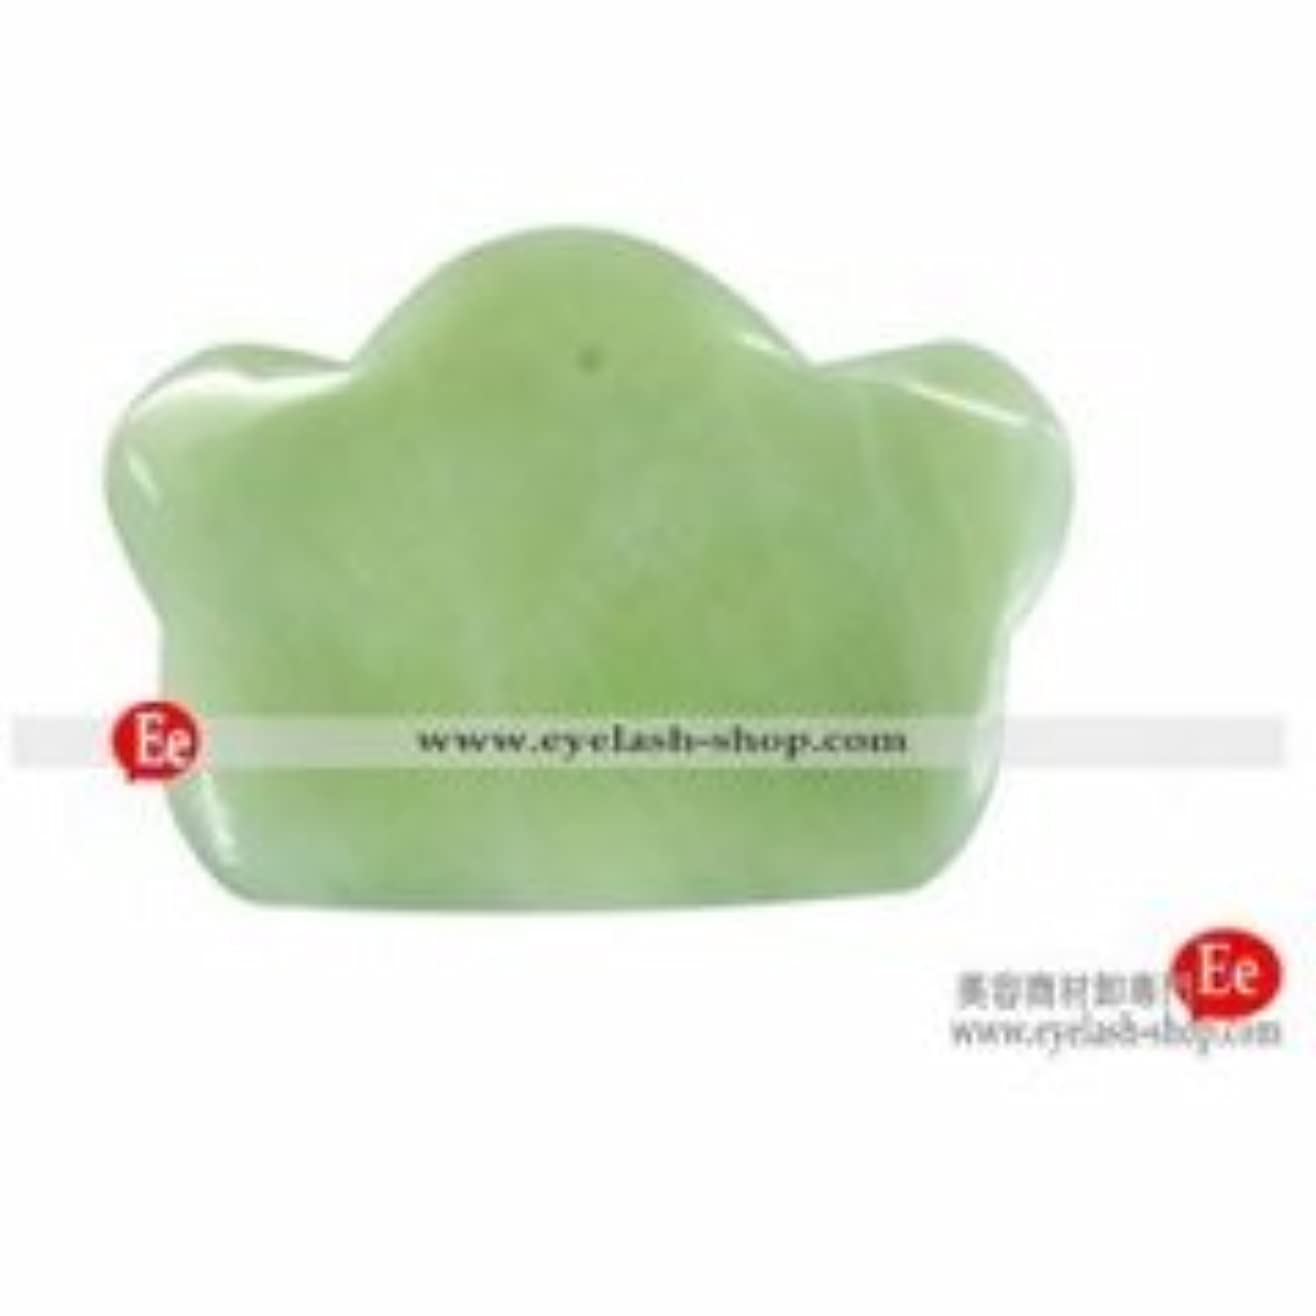 膨らみ関数スモッグ本翡翠 かっさ板 かっさプレート 美容マッサージかっさ板 グアシャ板 B-7